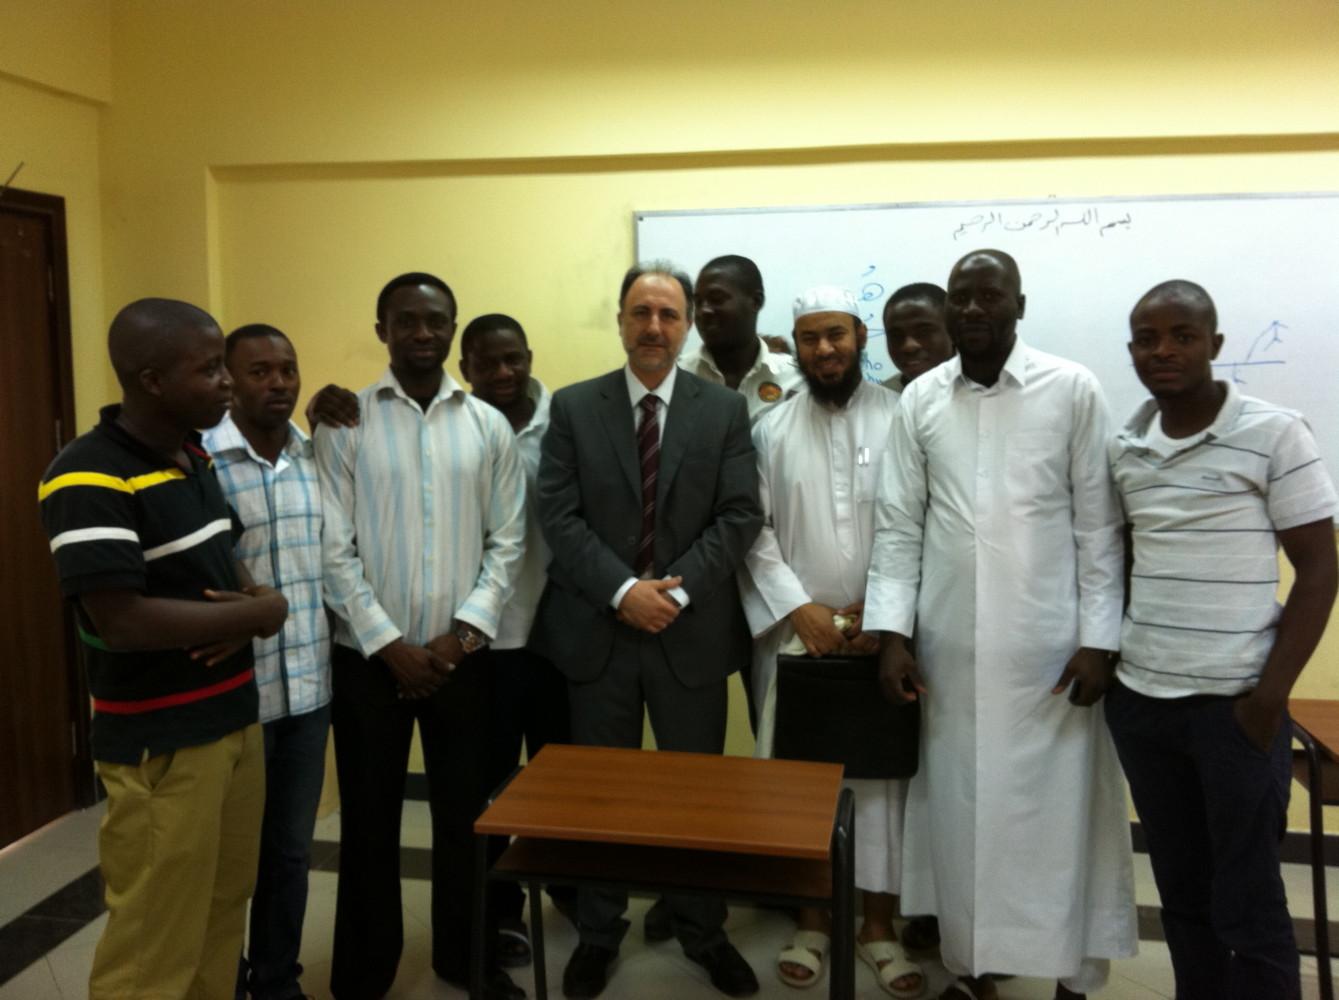 african-muslims.jpg